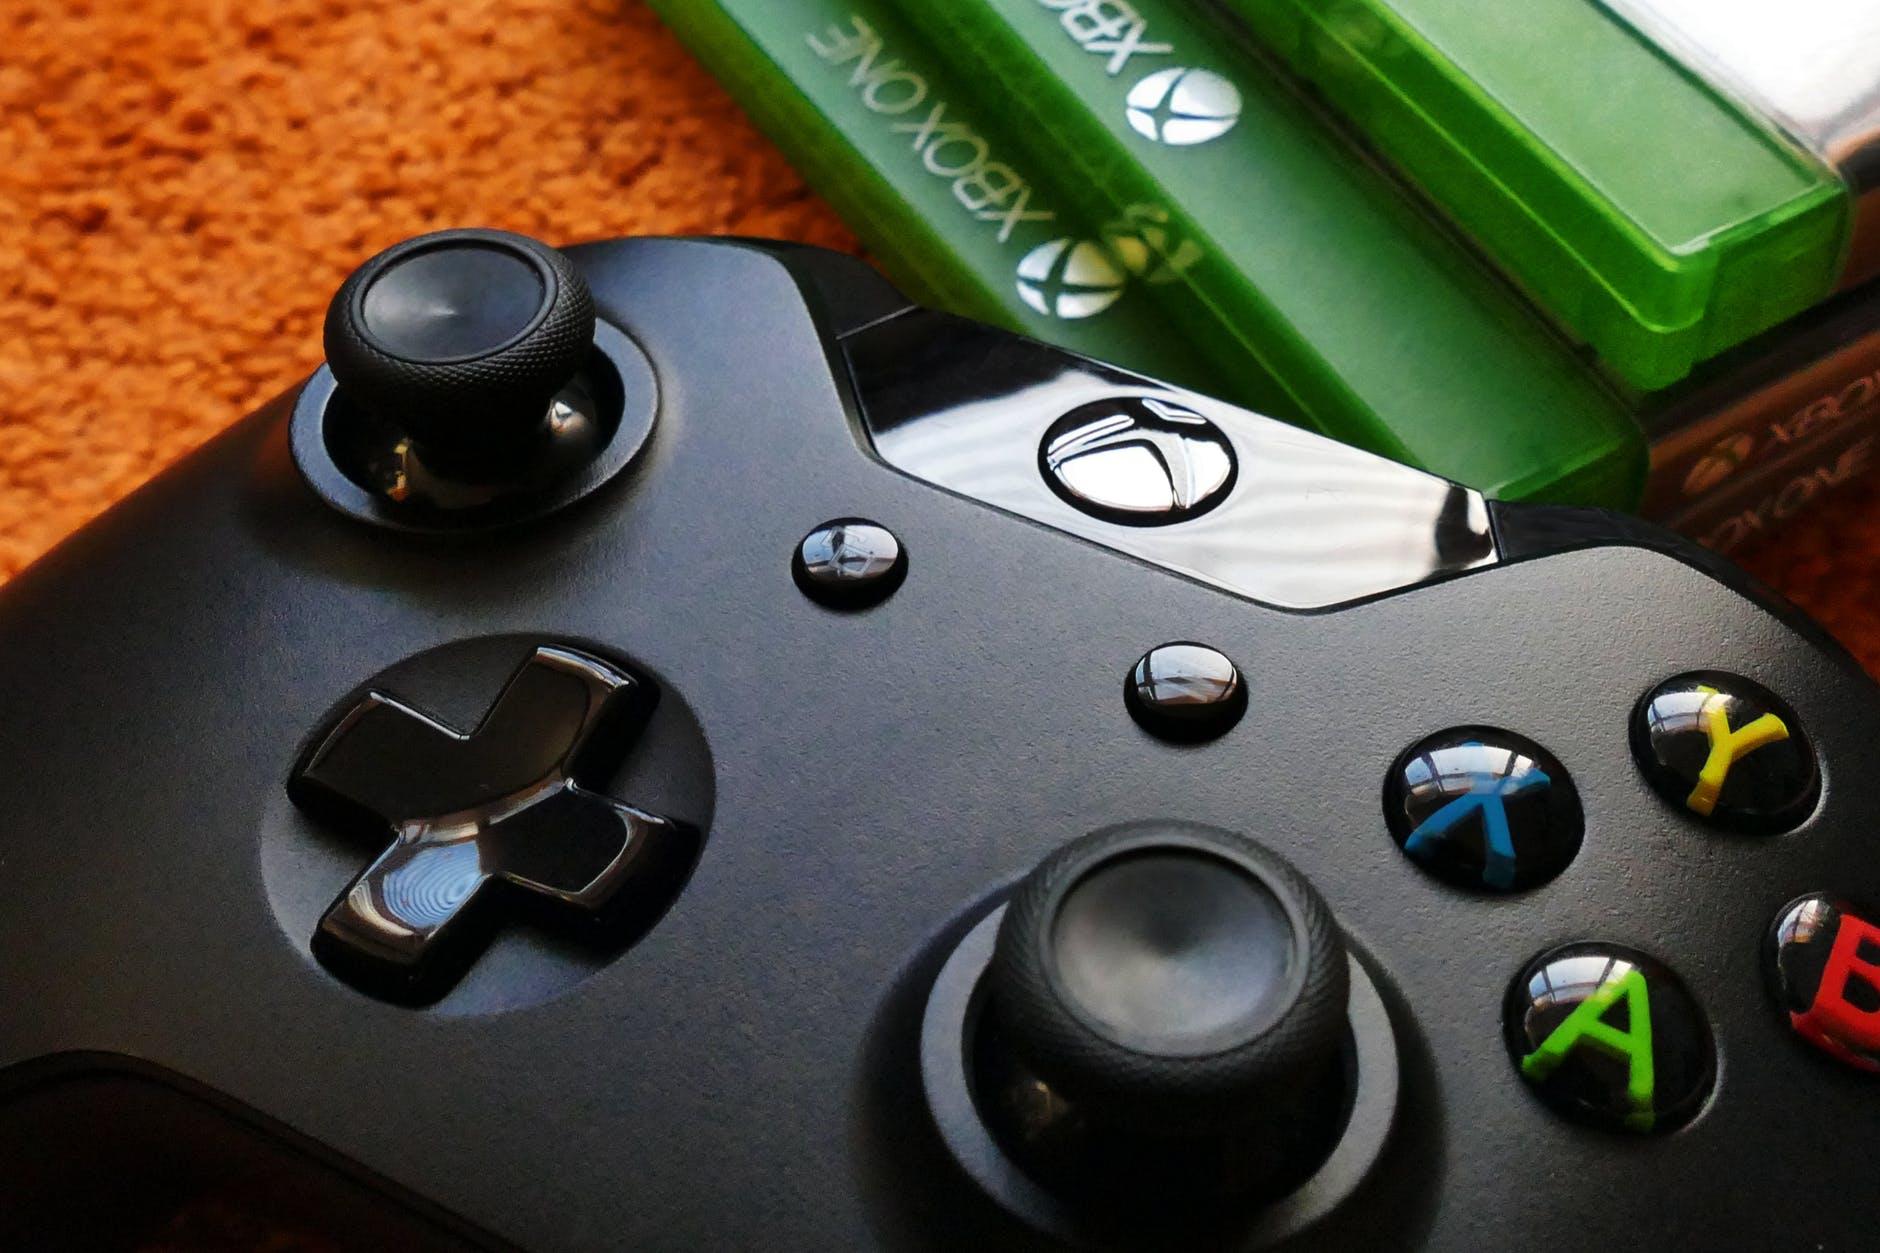 gamecube emulator auf xbox one